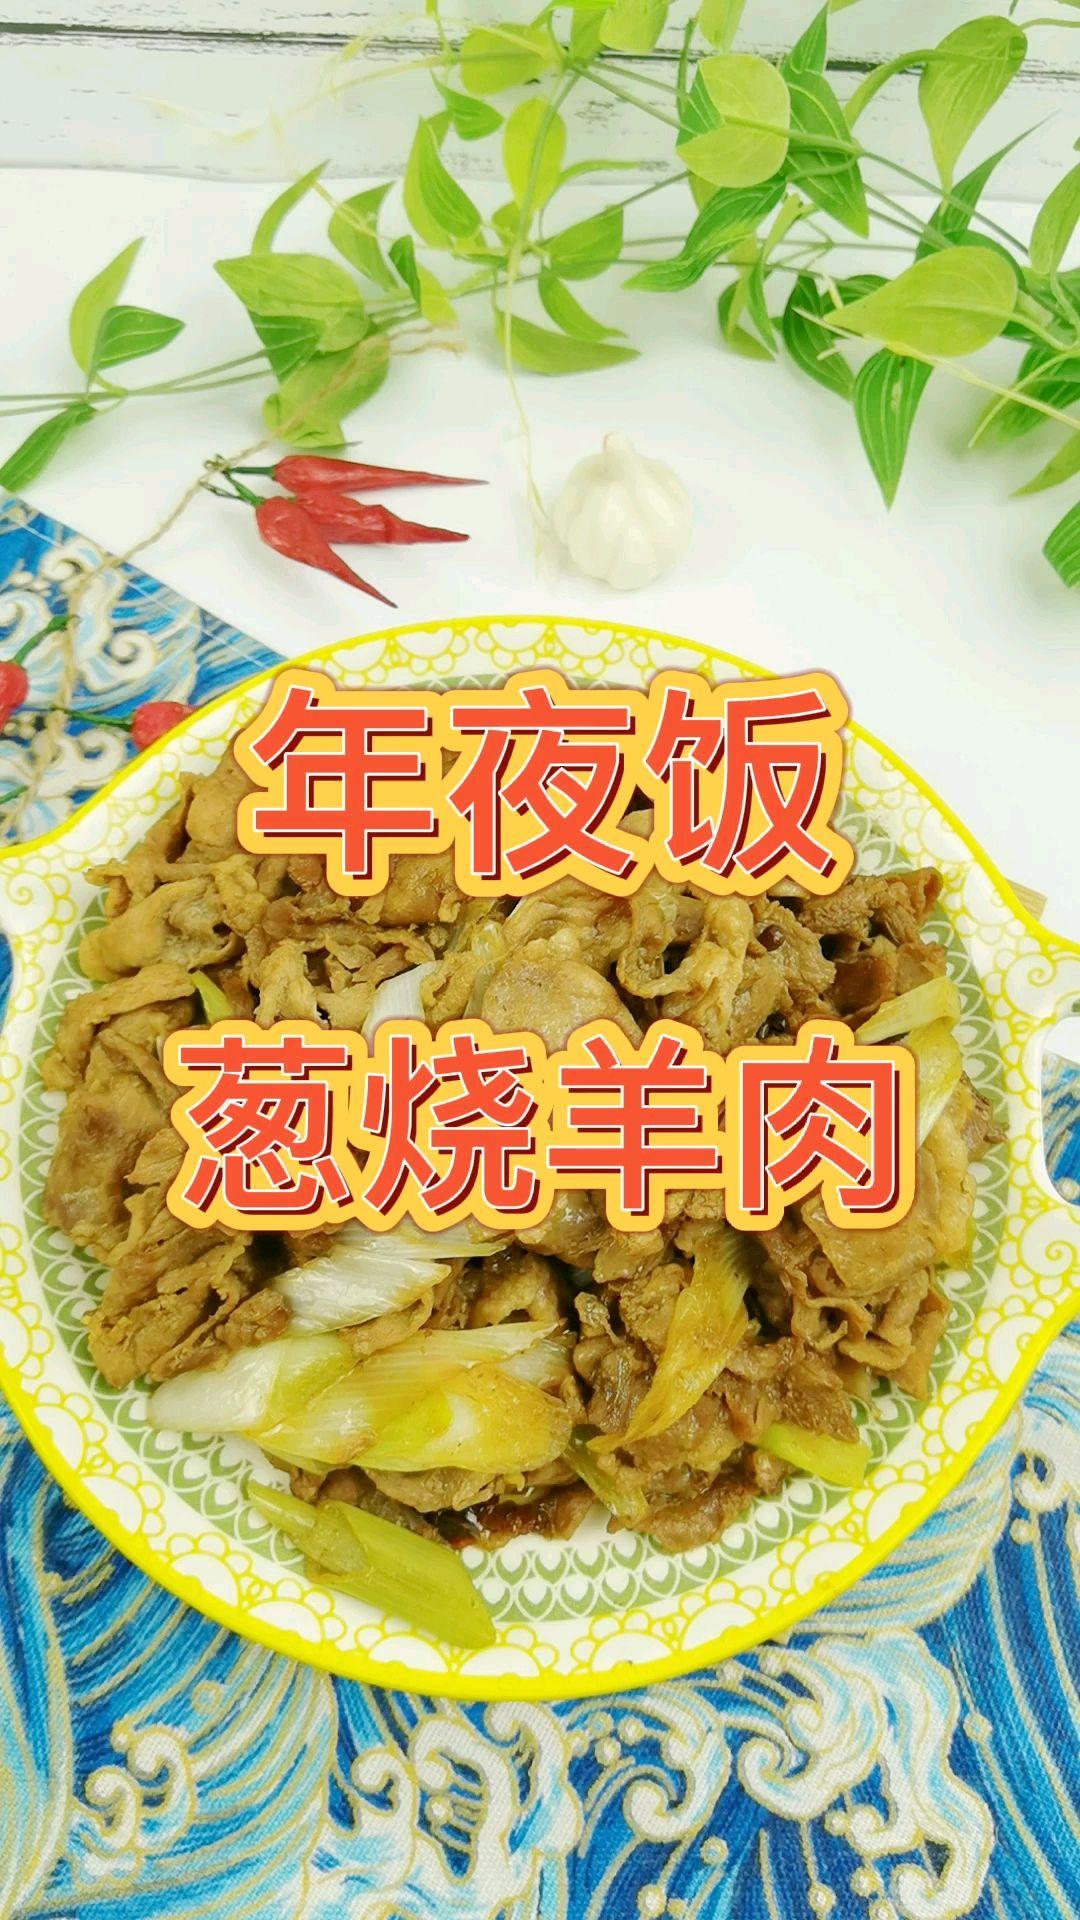 新年就要喜庆洋洋-简易版葱烧羊肉,葱香浓郁好吃不膻